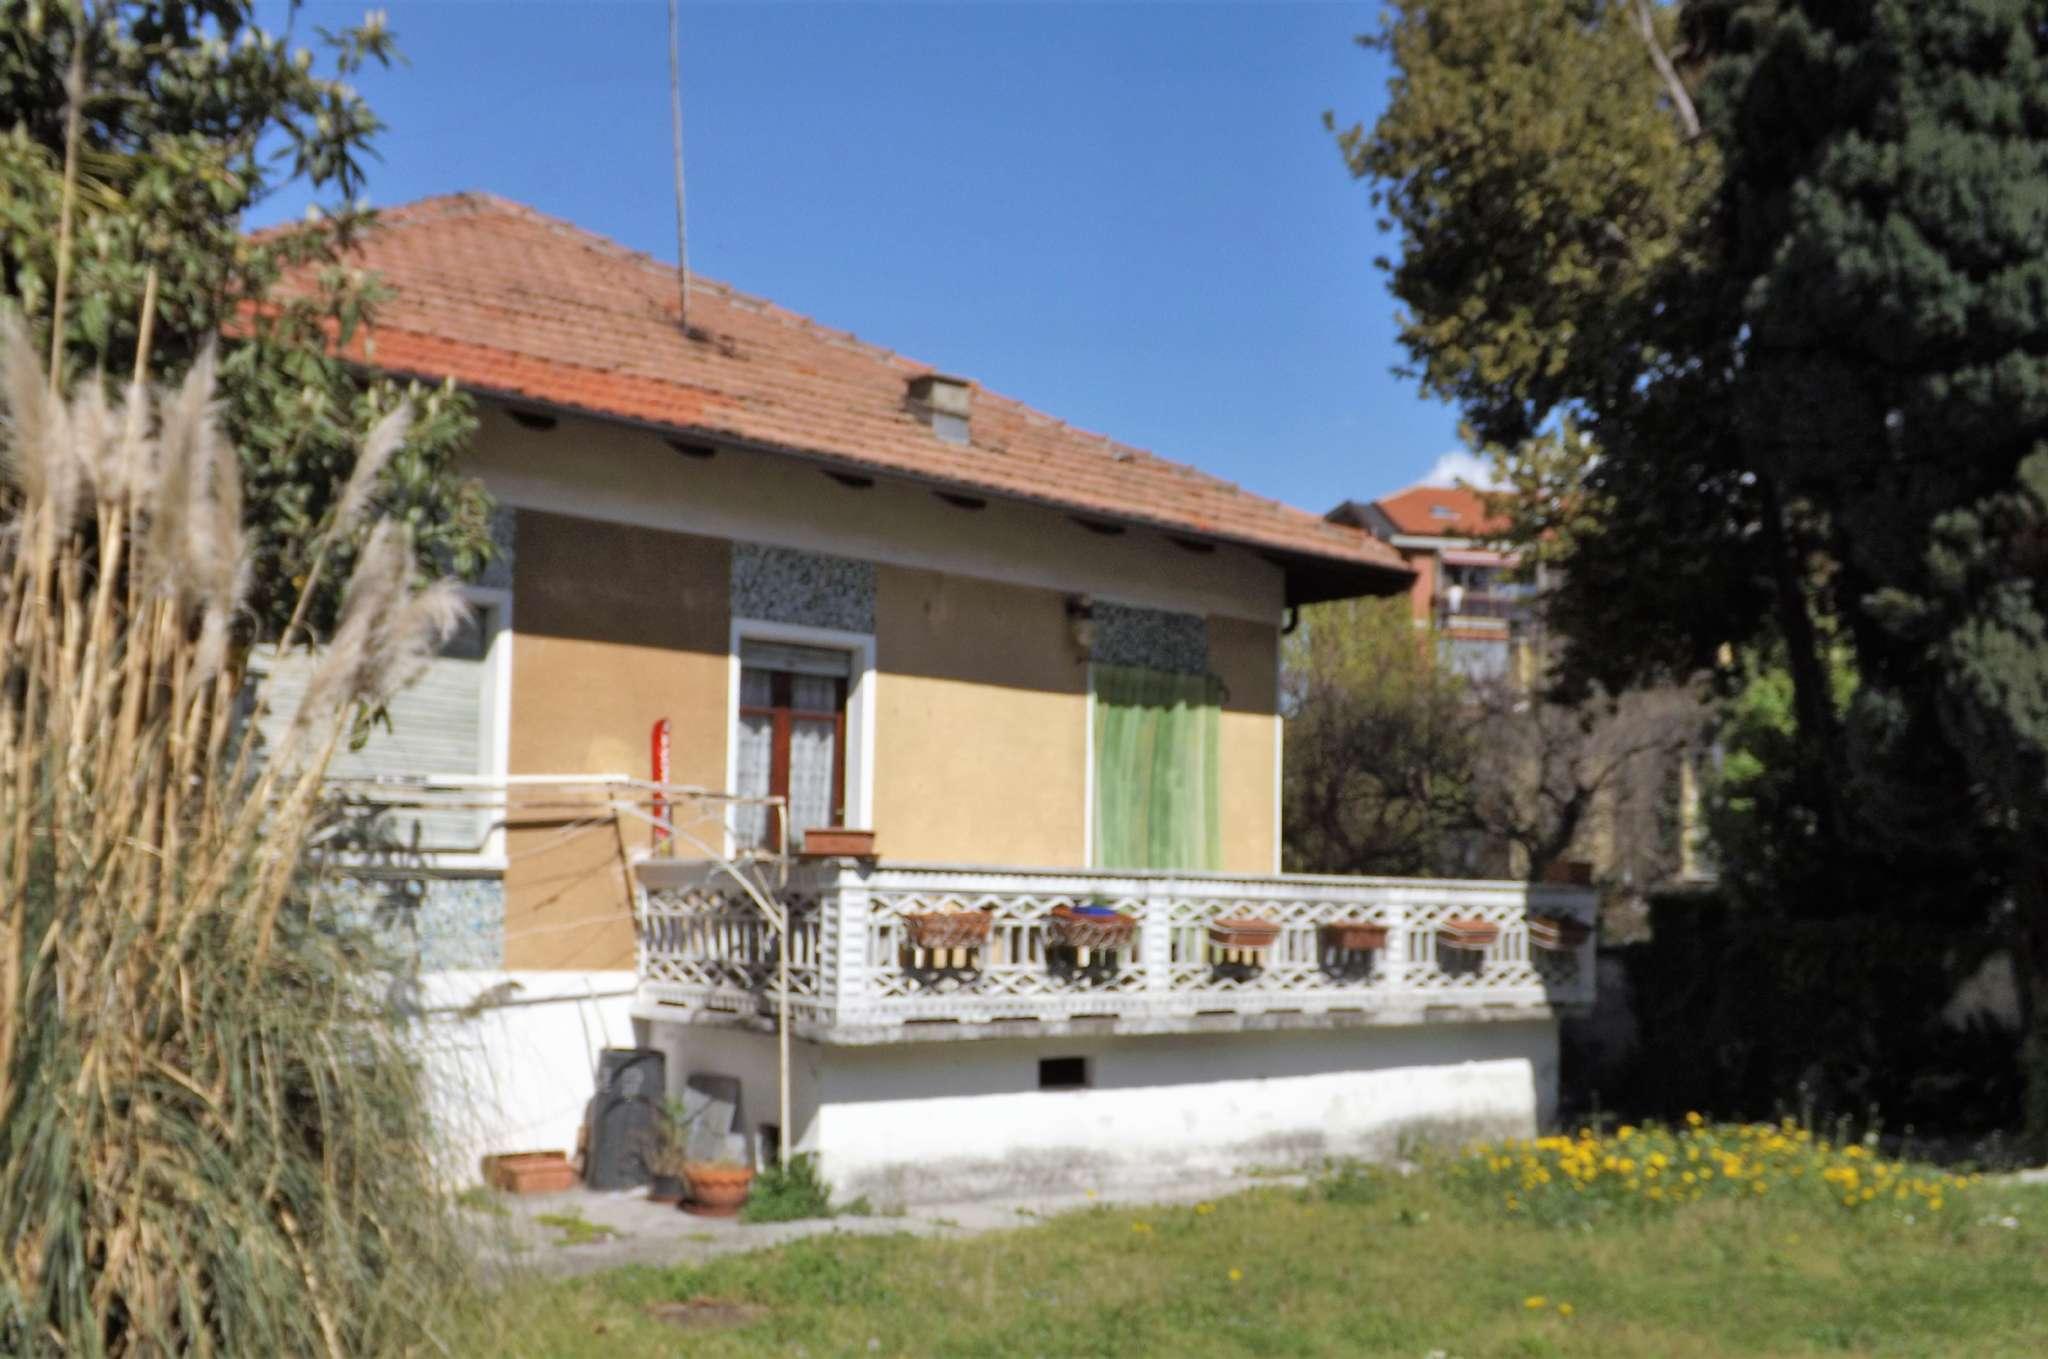 Soluzione Indipendente in vendita a Alpignano, 10 locali, prezzo € 480.000 | PortaleAgenzieImmobiliari.it